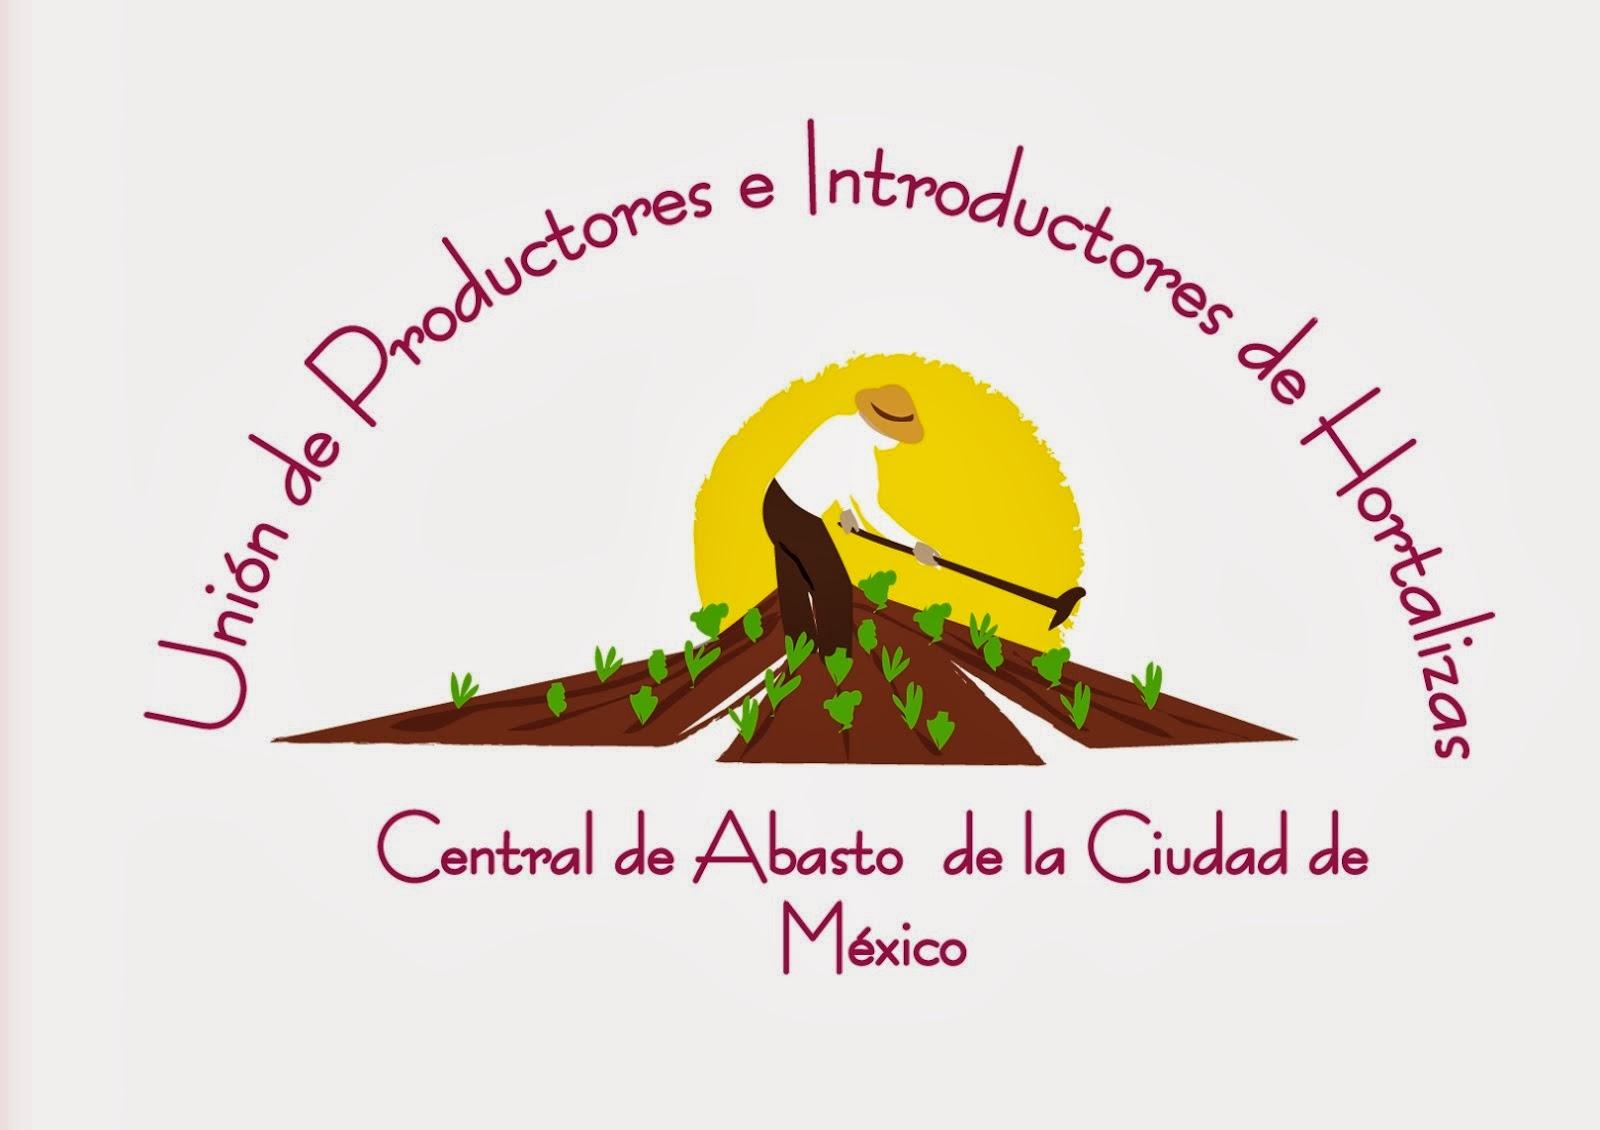 Unión de Productores e Introductores de Hortalizas